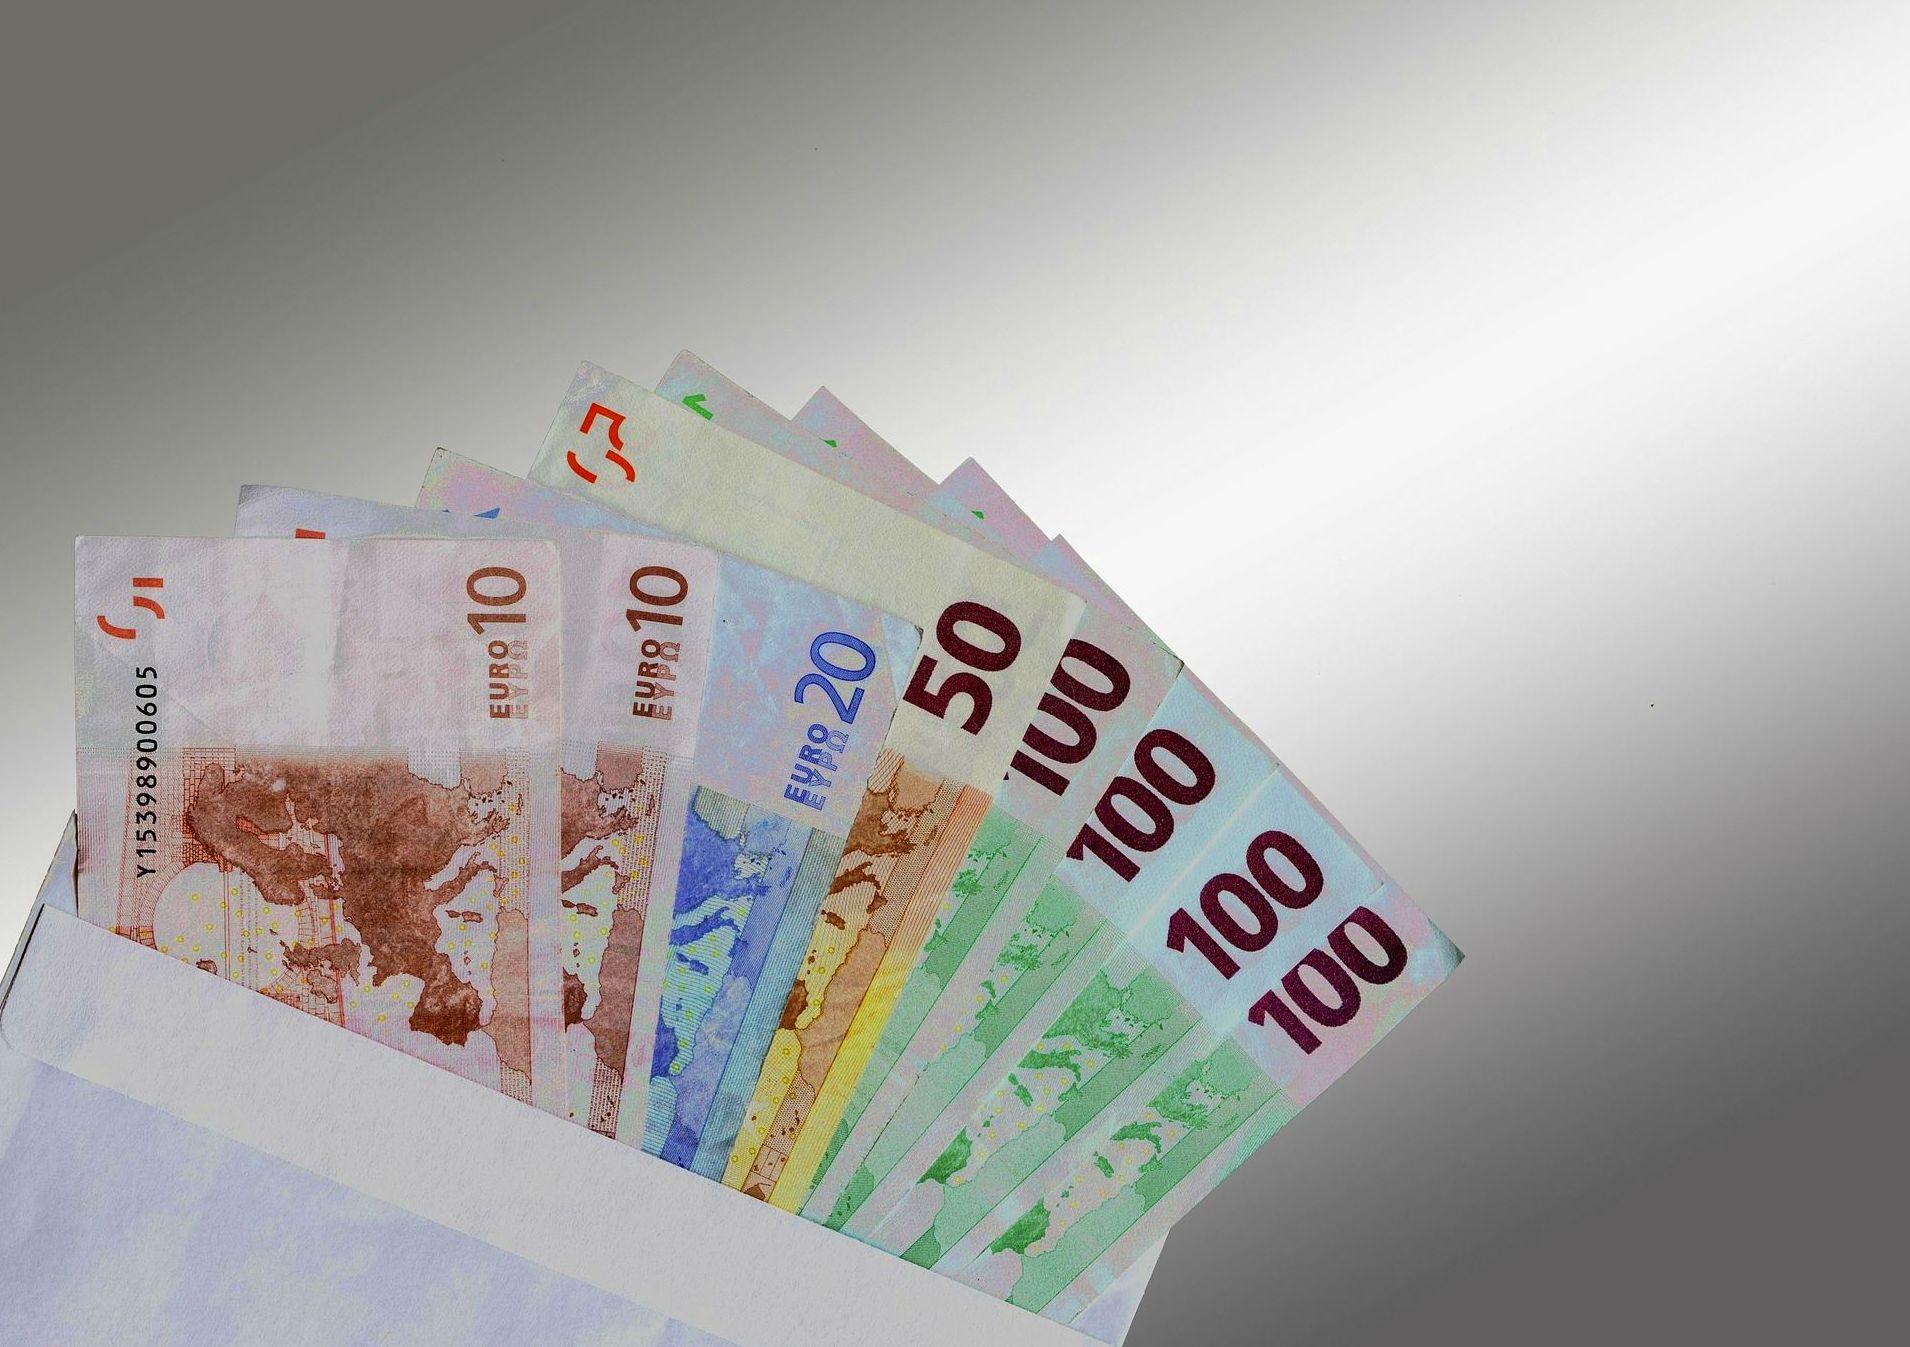 Préstamos urgentes Financiación inmediata Private Credit Valencia